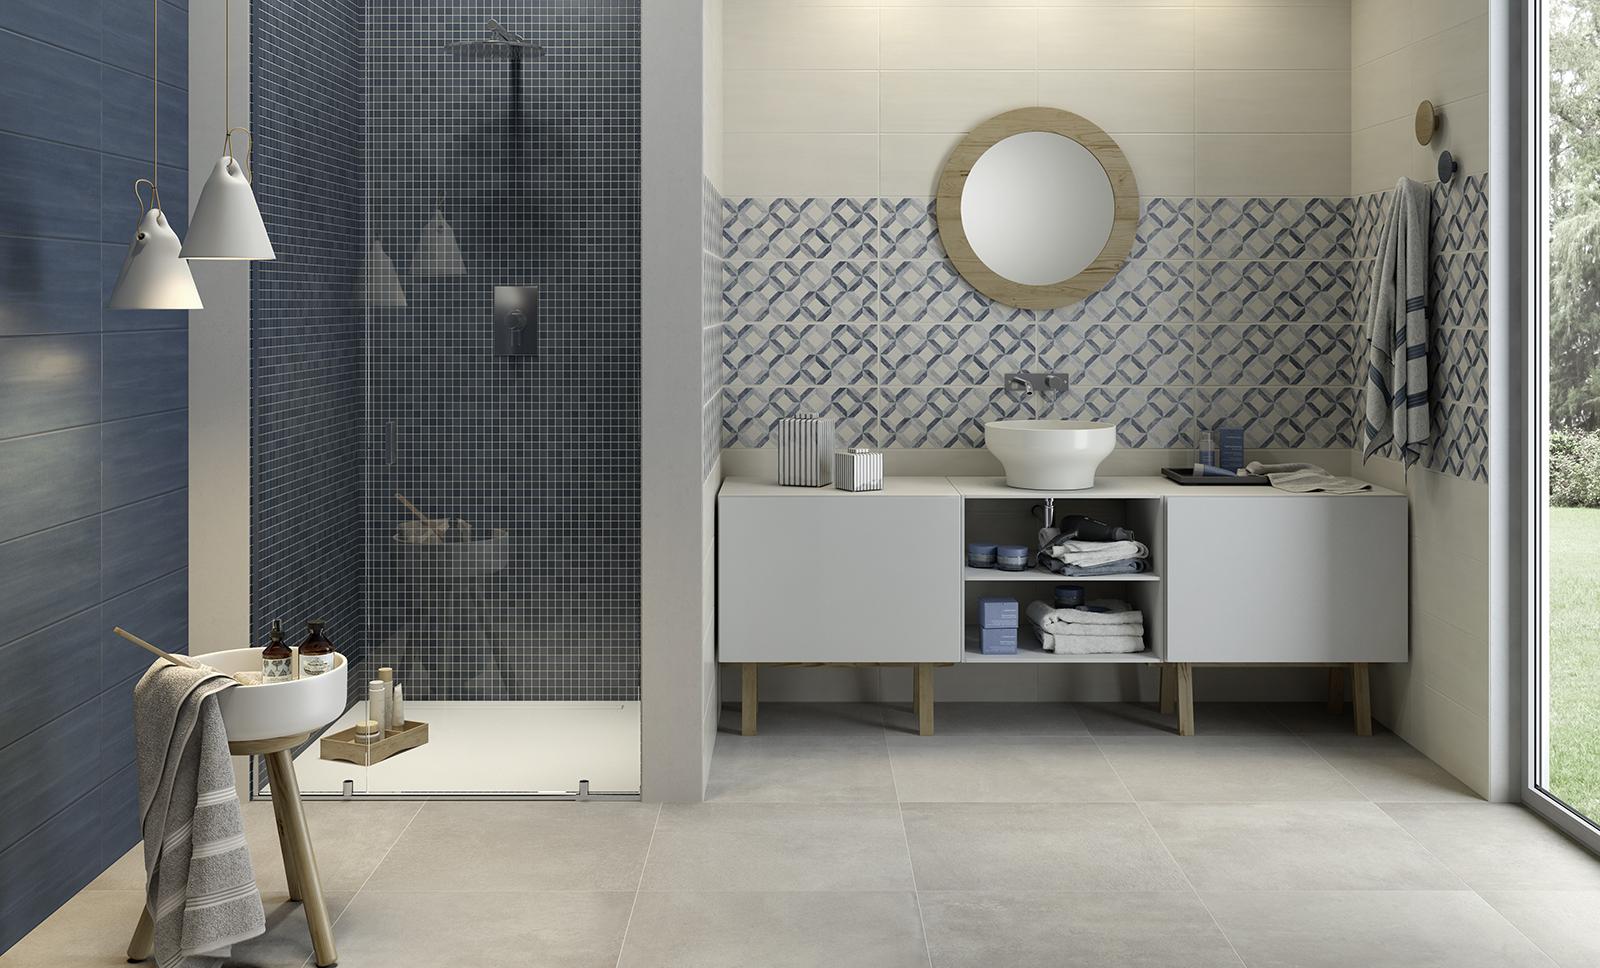 Azulejos Baño Gres Porcelanico:Azulejos para el cuarto de baño: cerámica y porcelánico – Marazzi